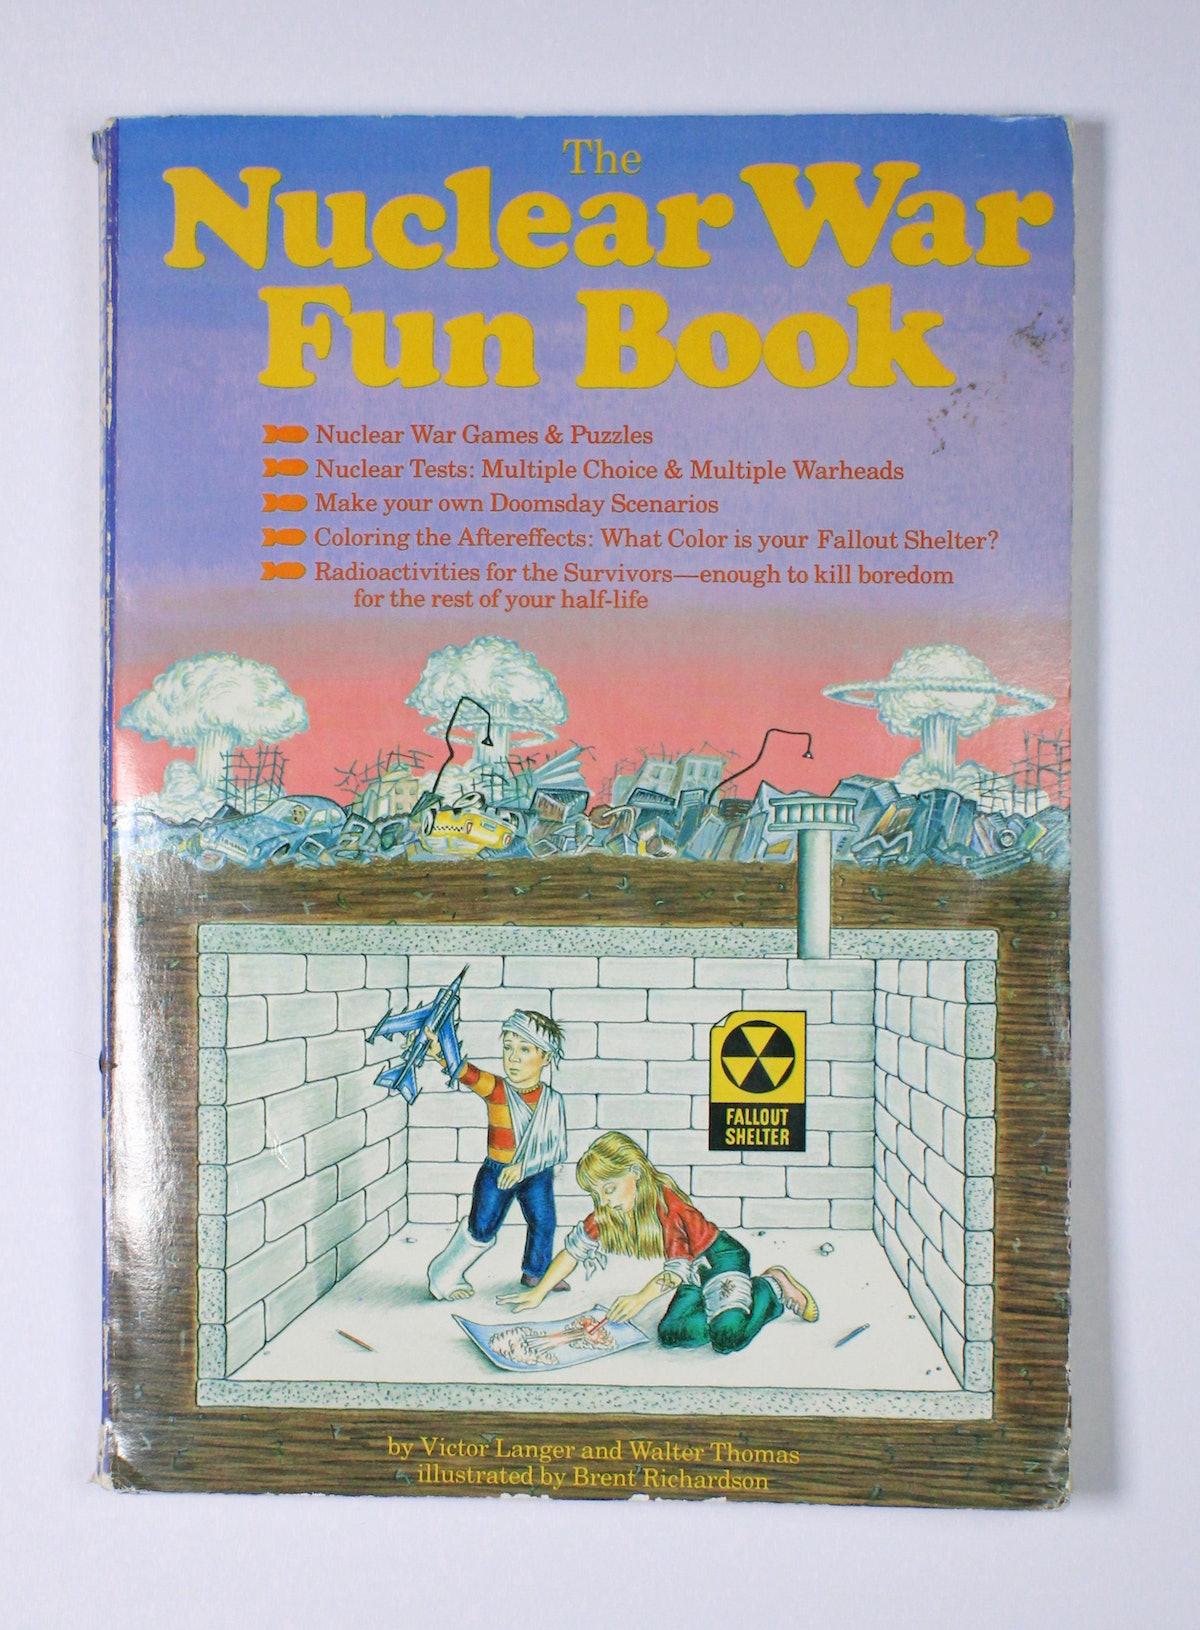 The Nuclear War Fun Book